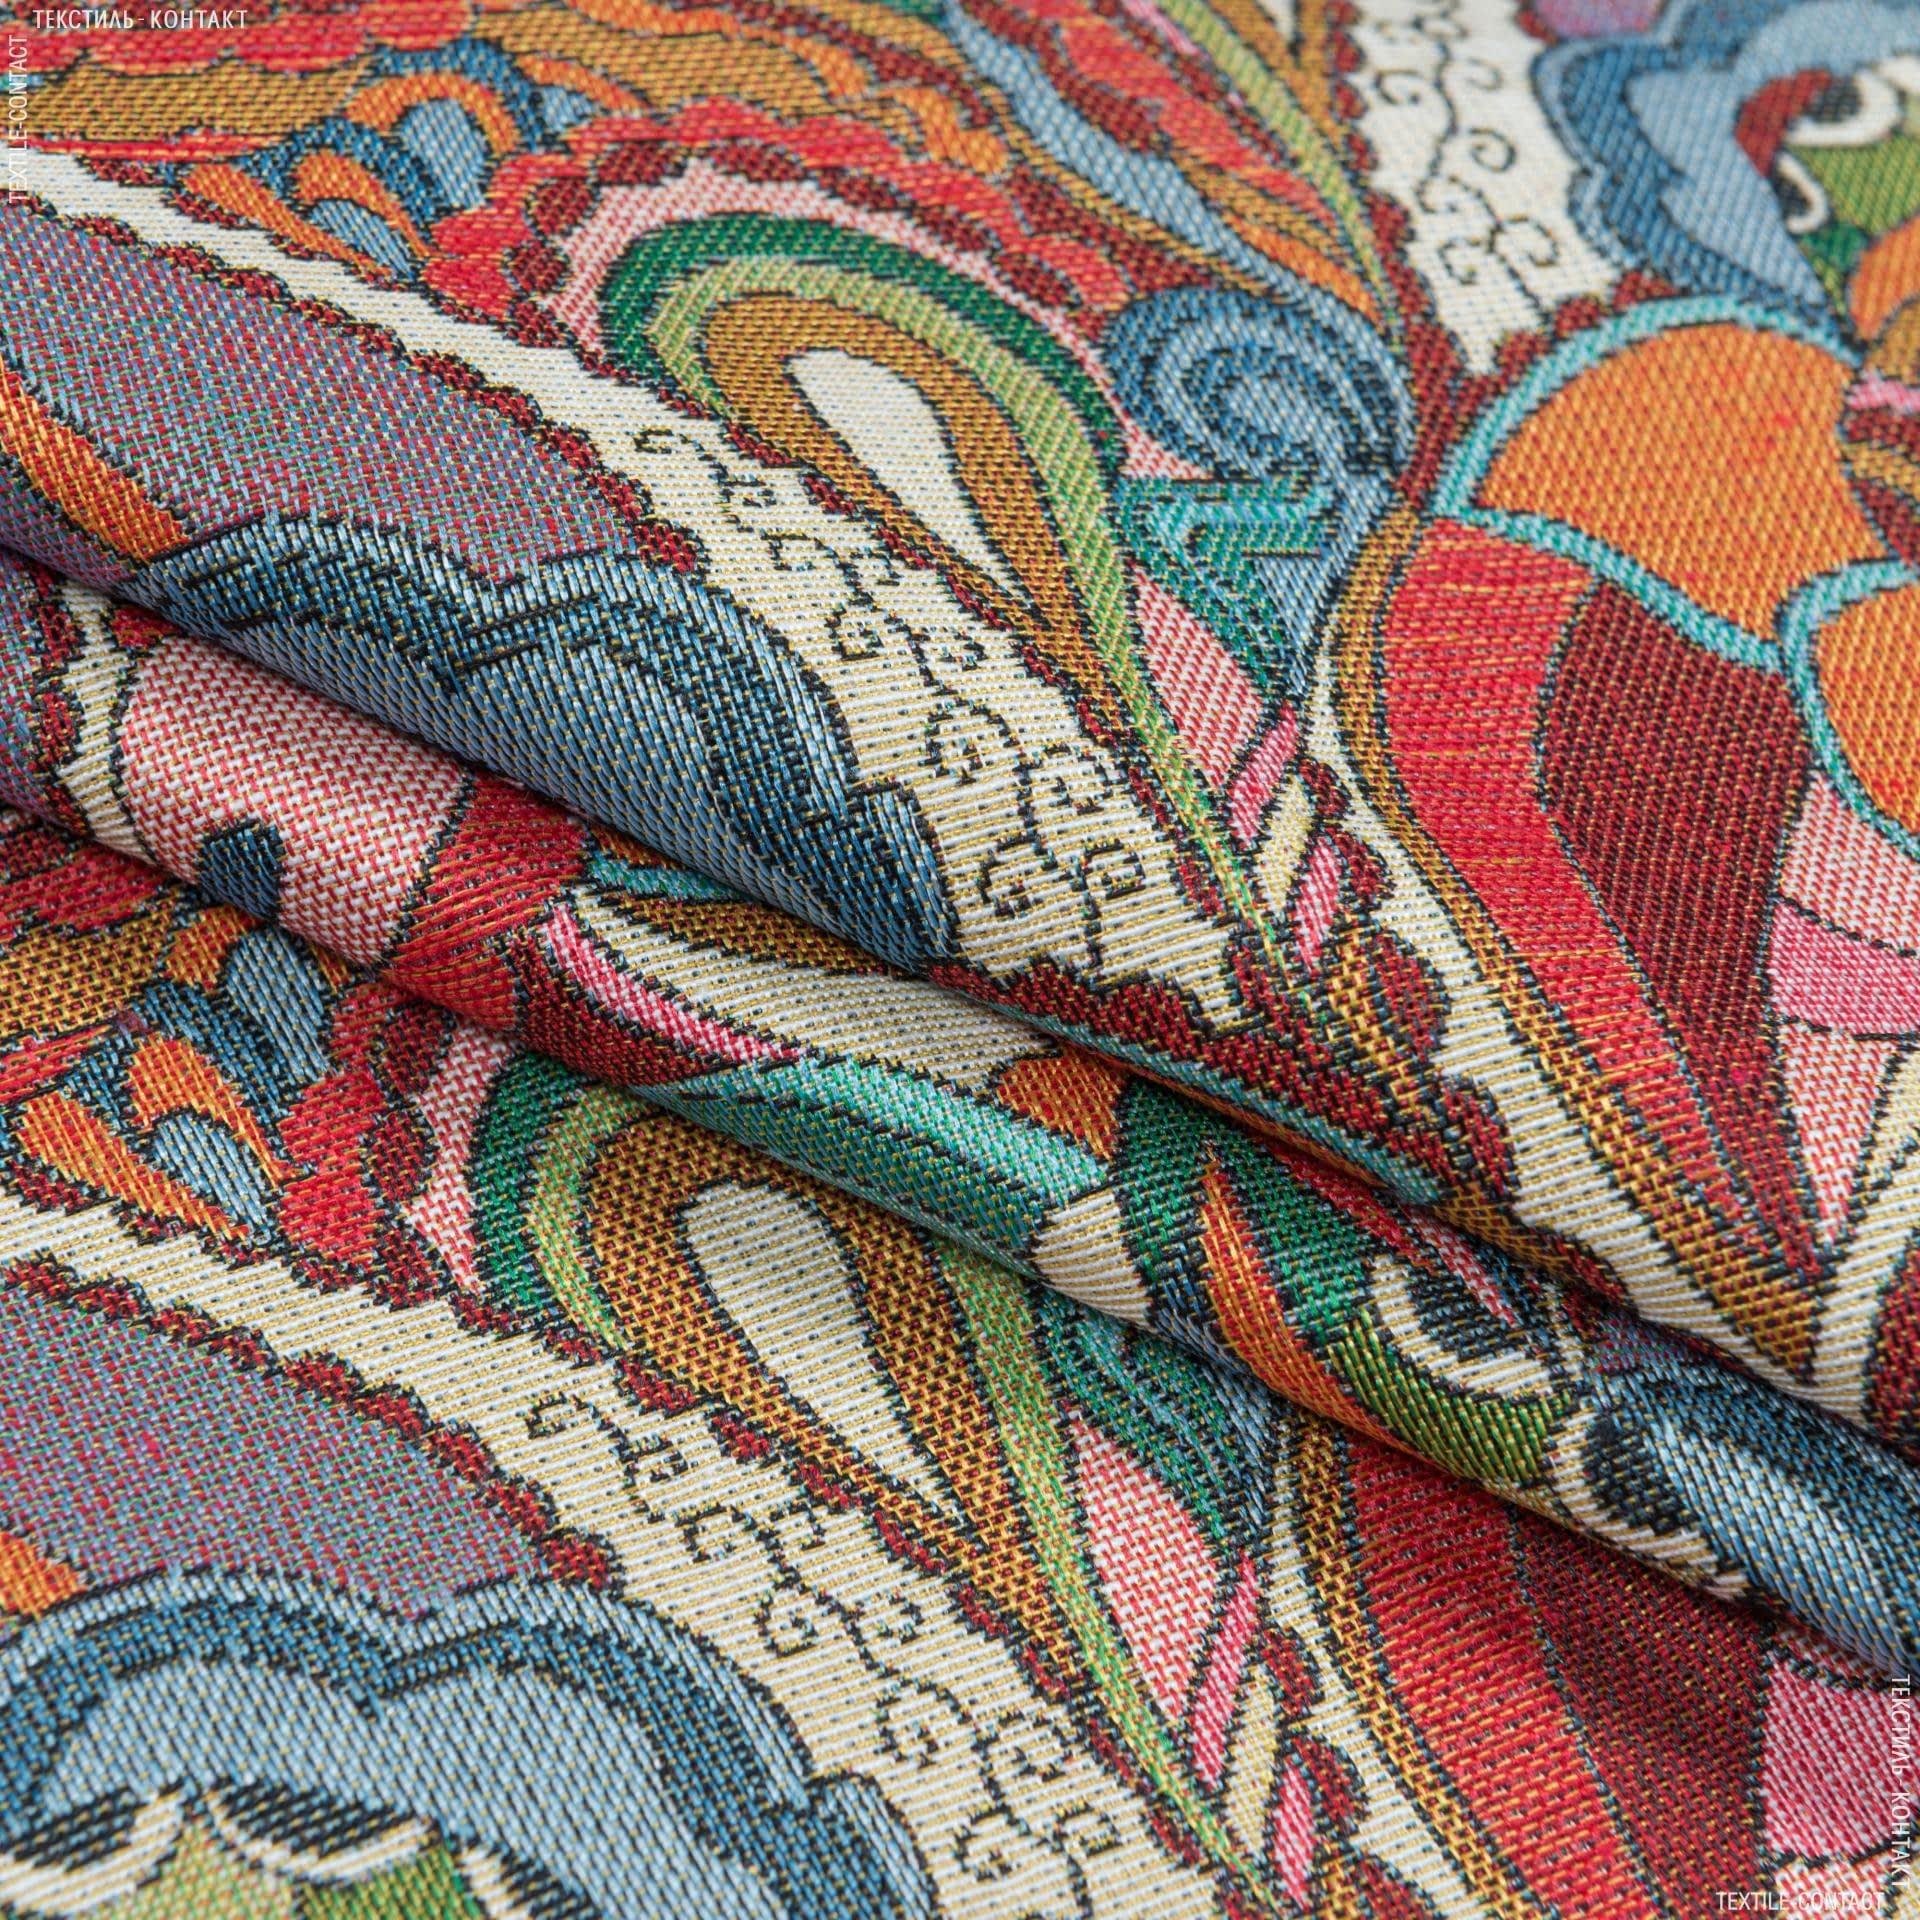 Ткани для декоративных подушек - Декор-гобелен   пейсли  радиа/radia  мультиколор